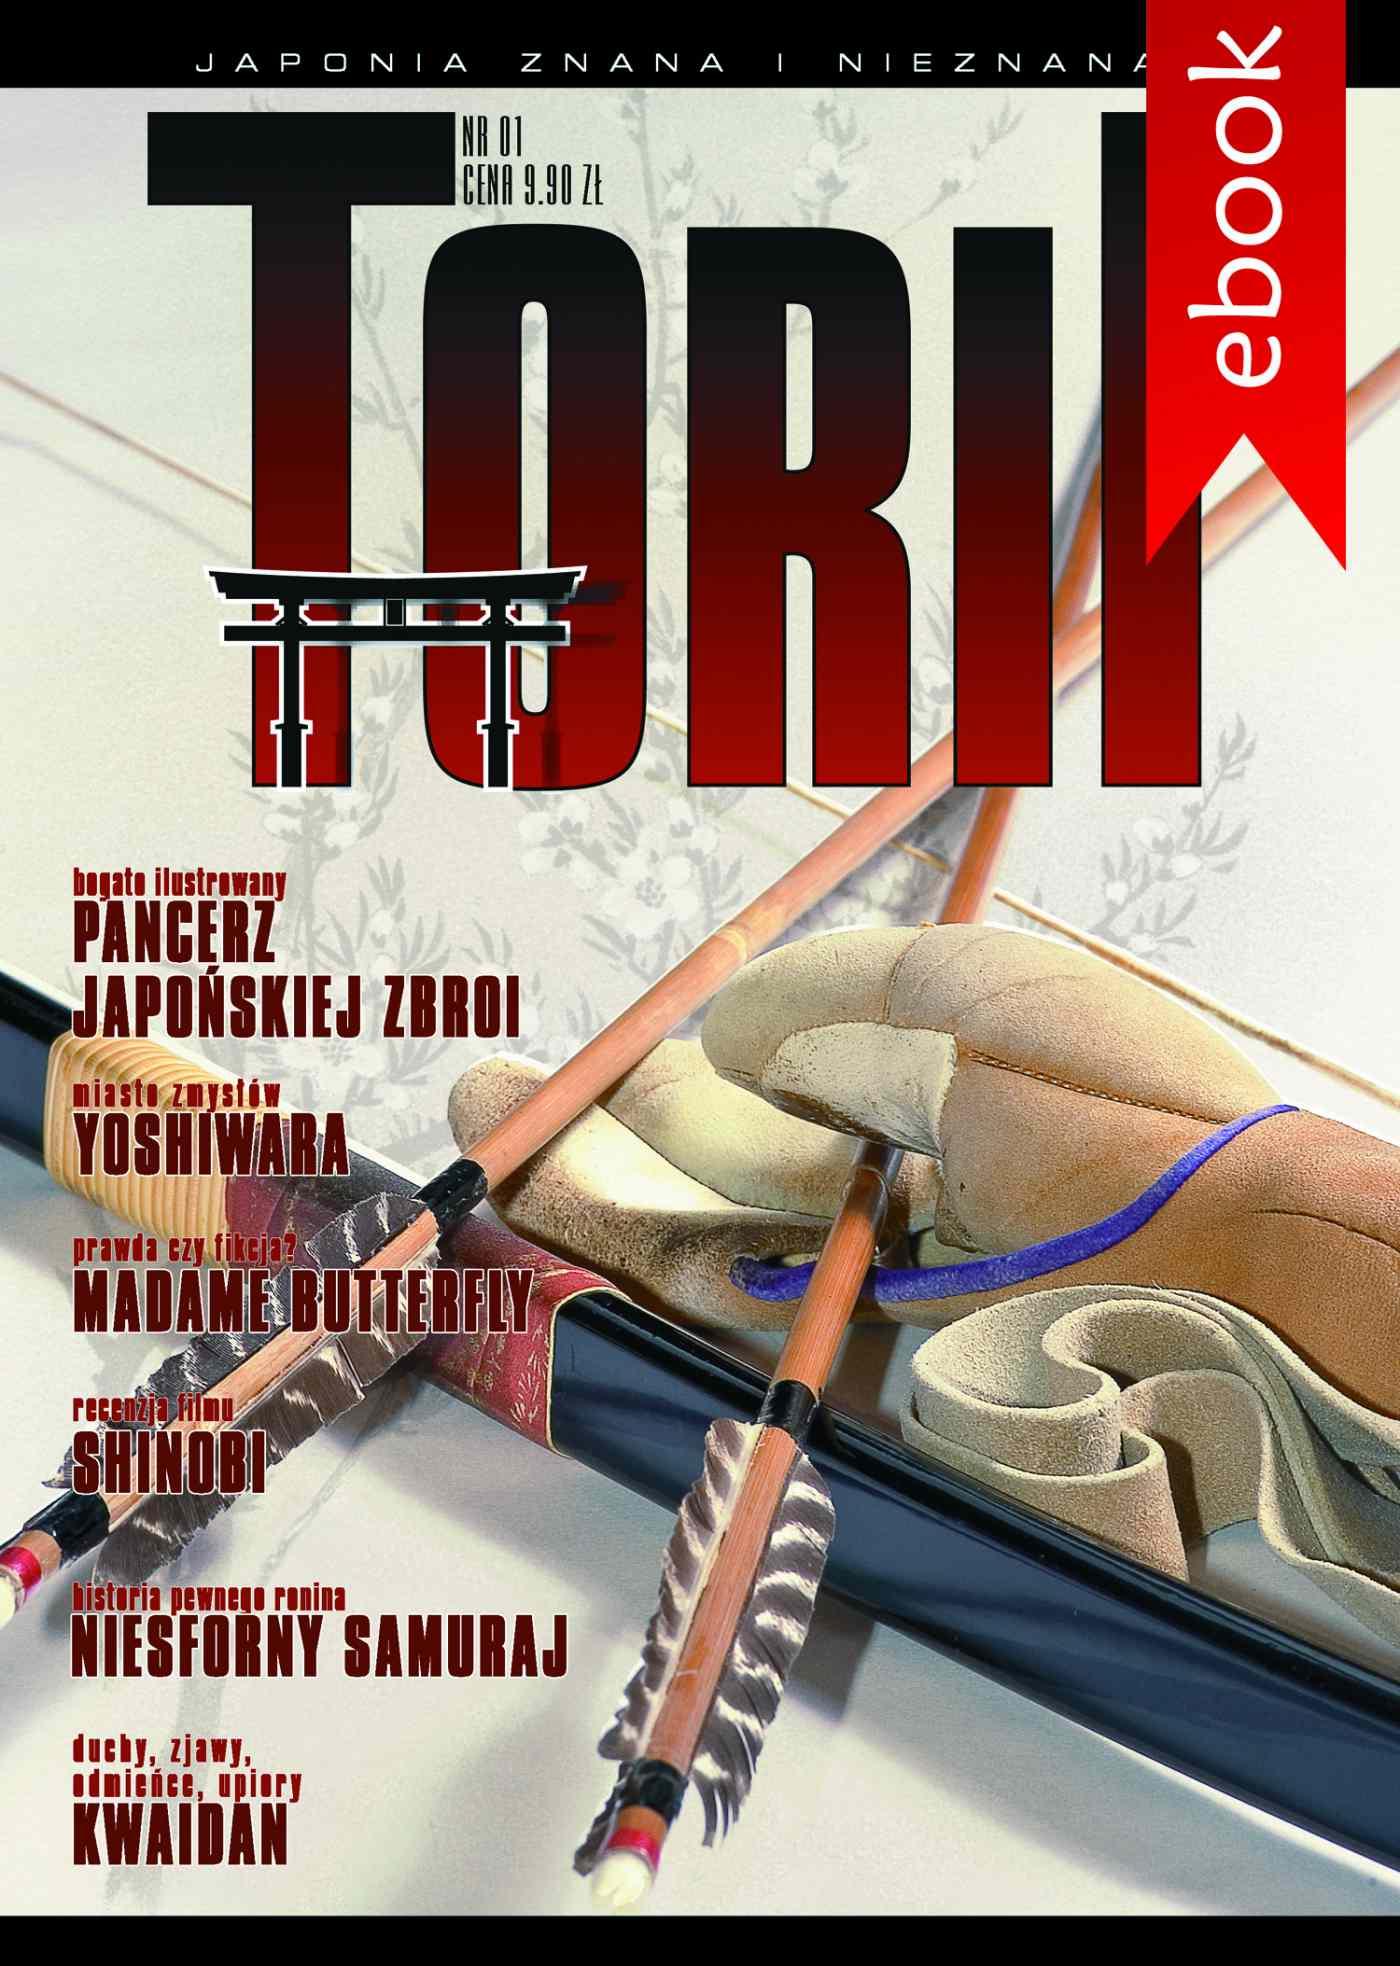 Torii. Japonia znana i nieznana #1 - Ebook (Książka na Kindle) do pobrania w formacie MOBI